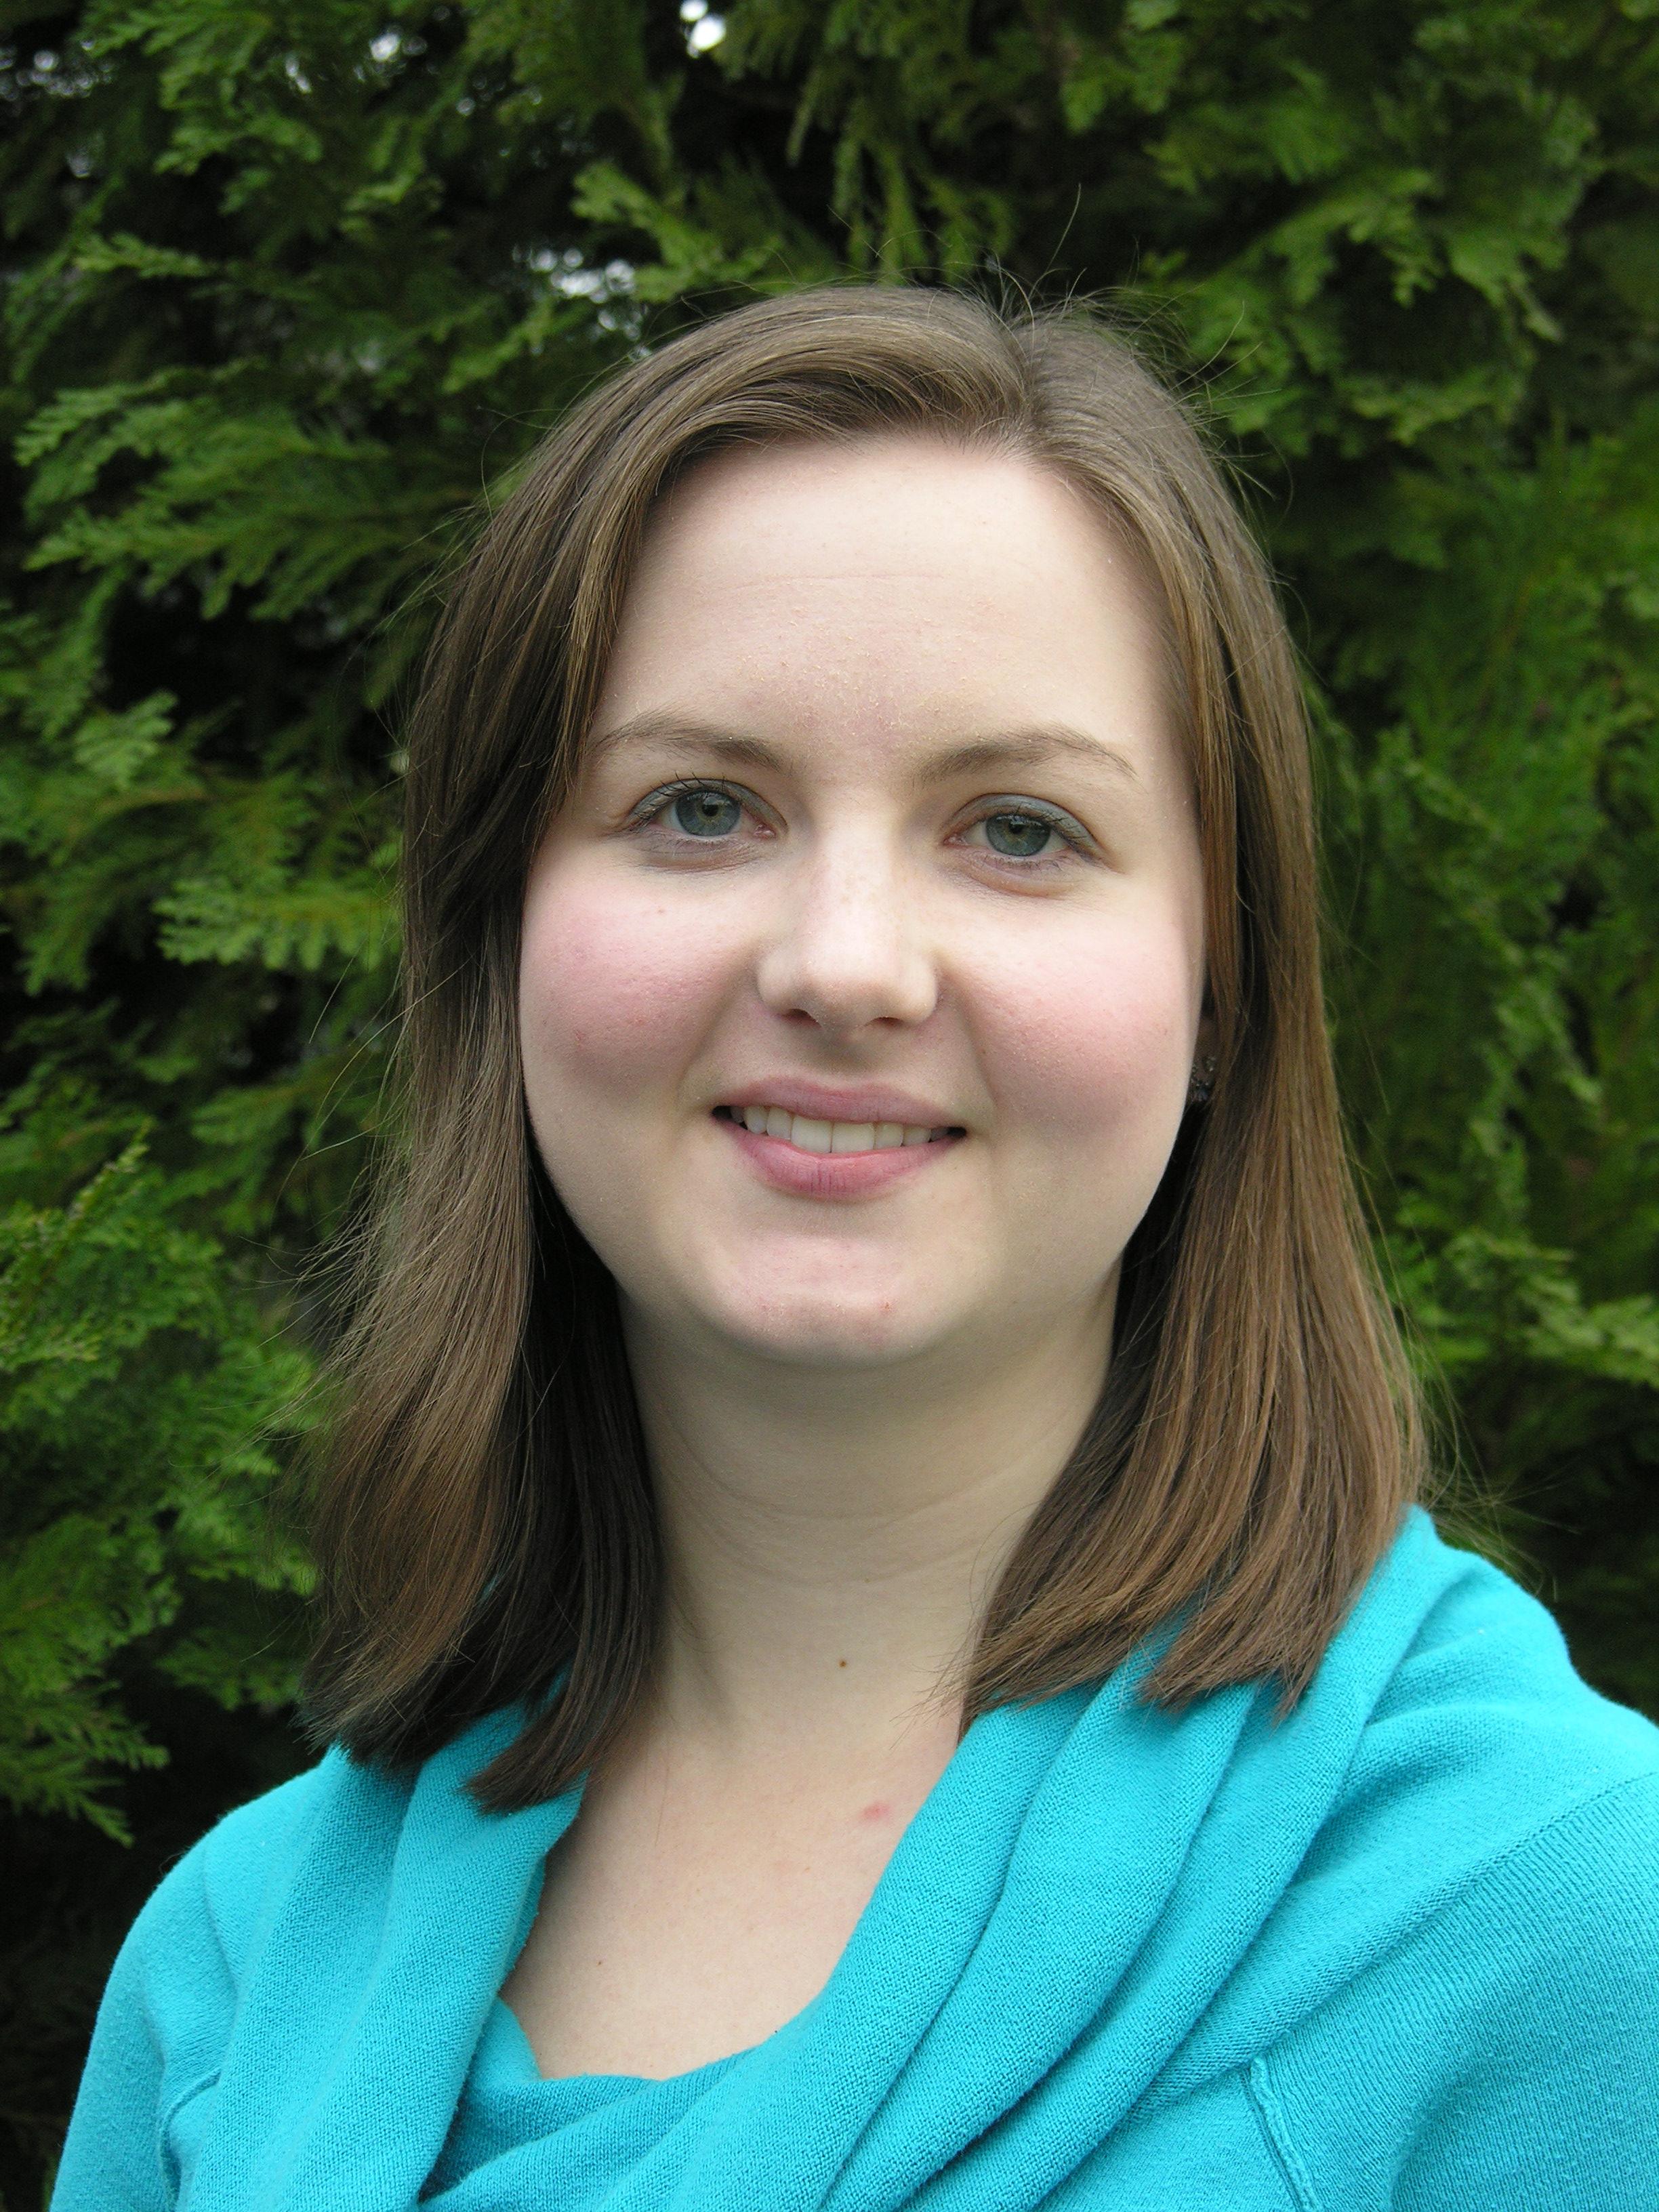 Emily Guildner